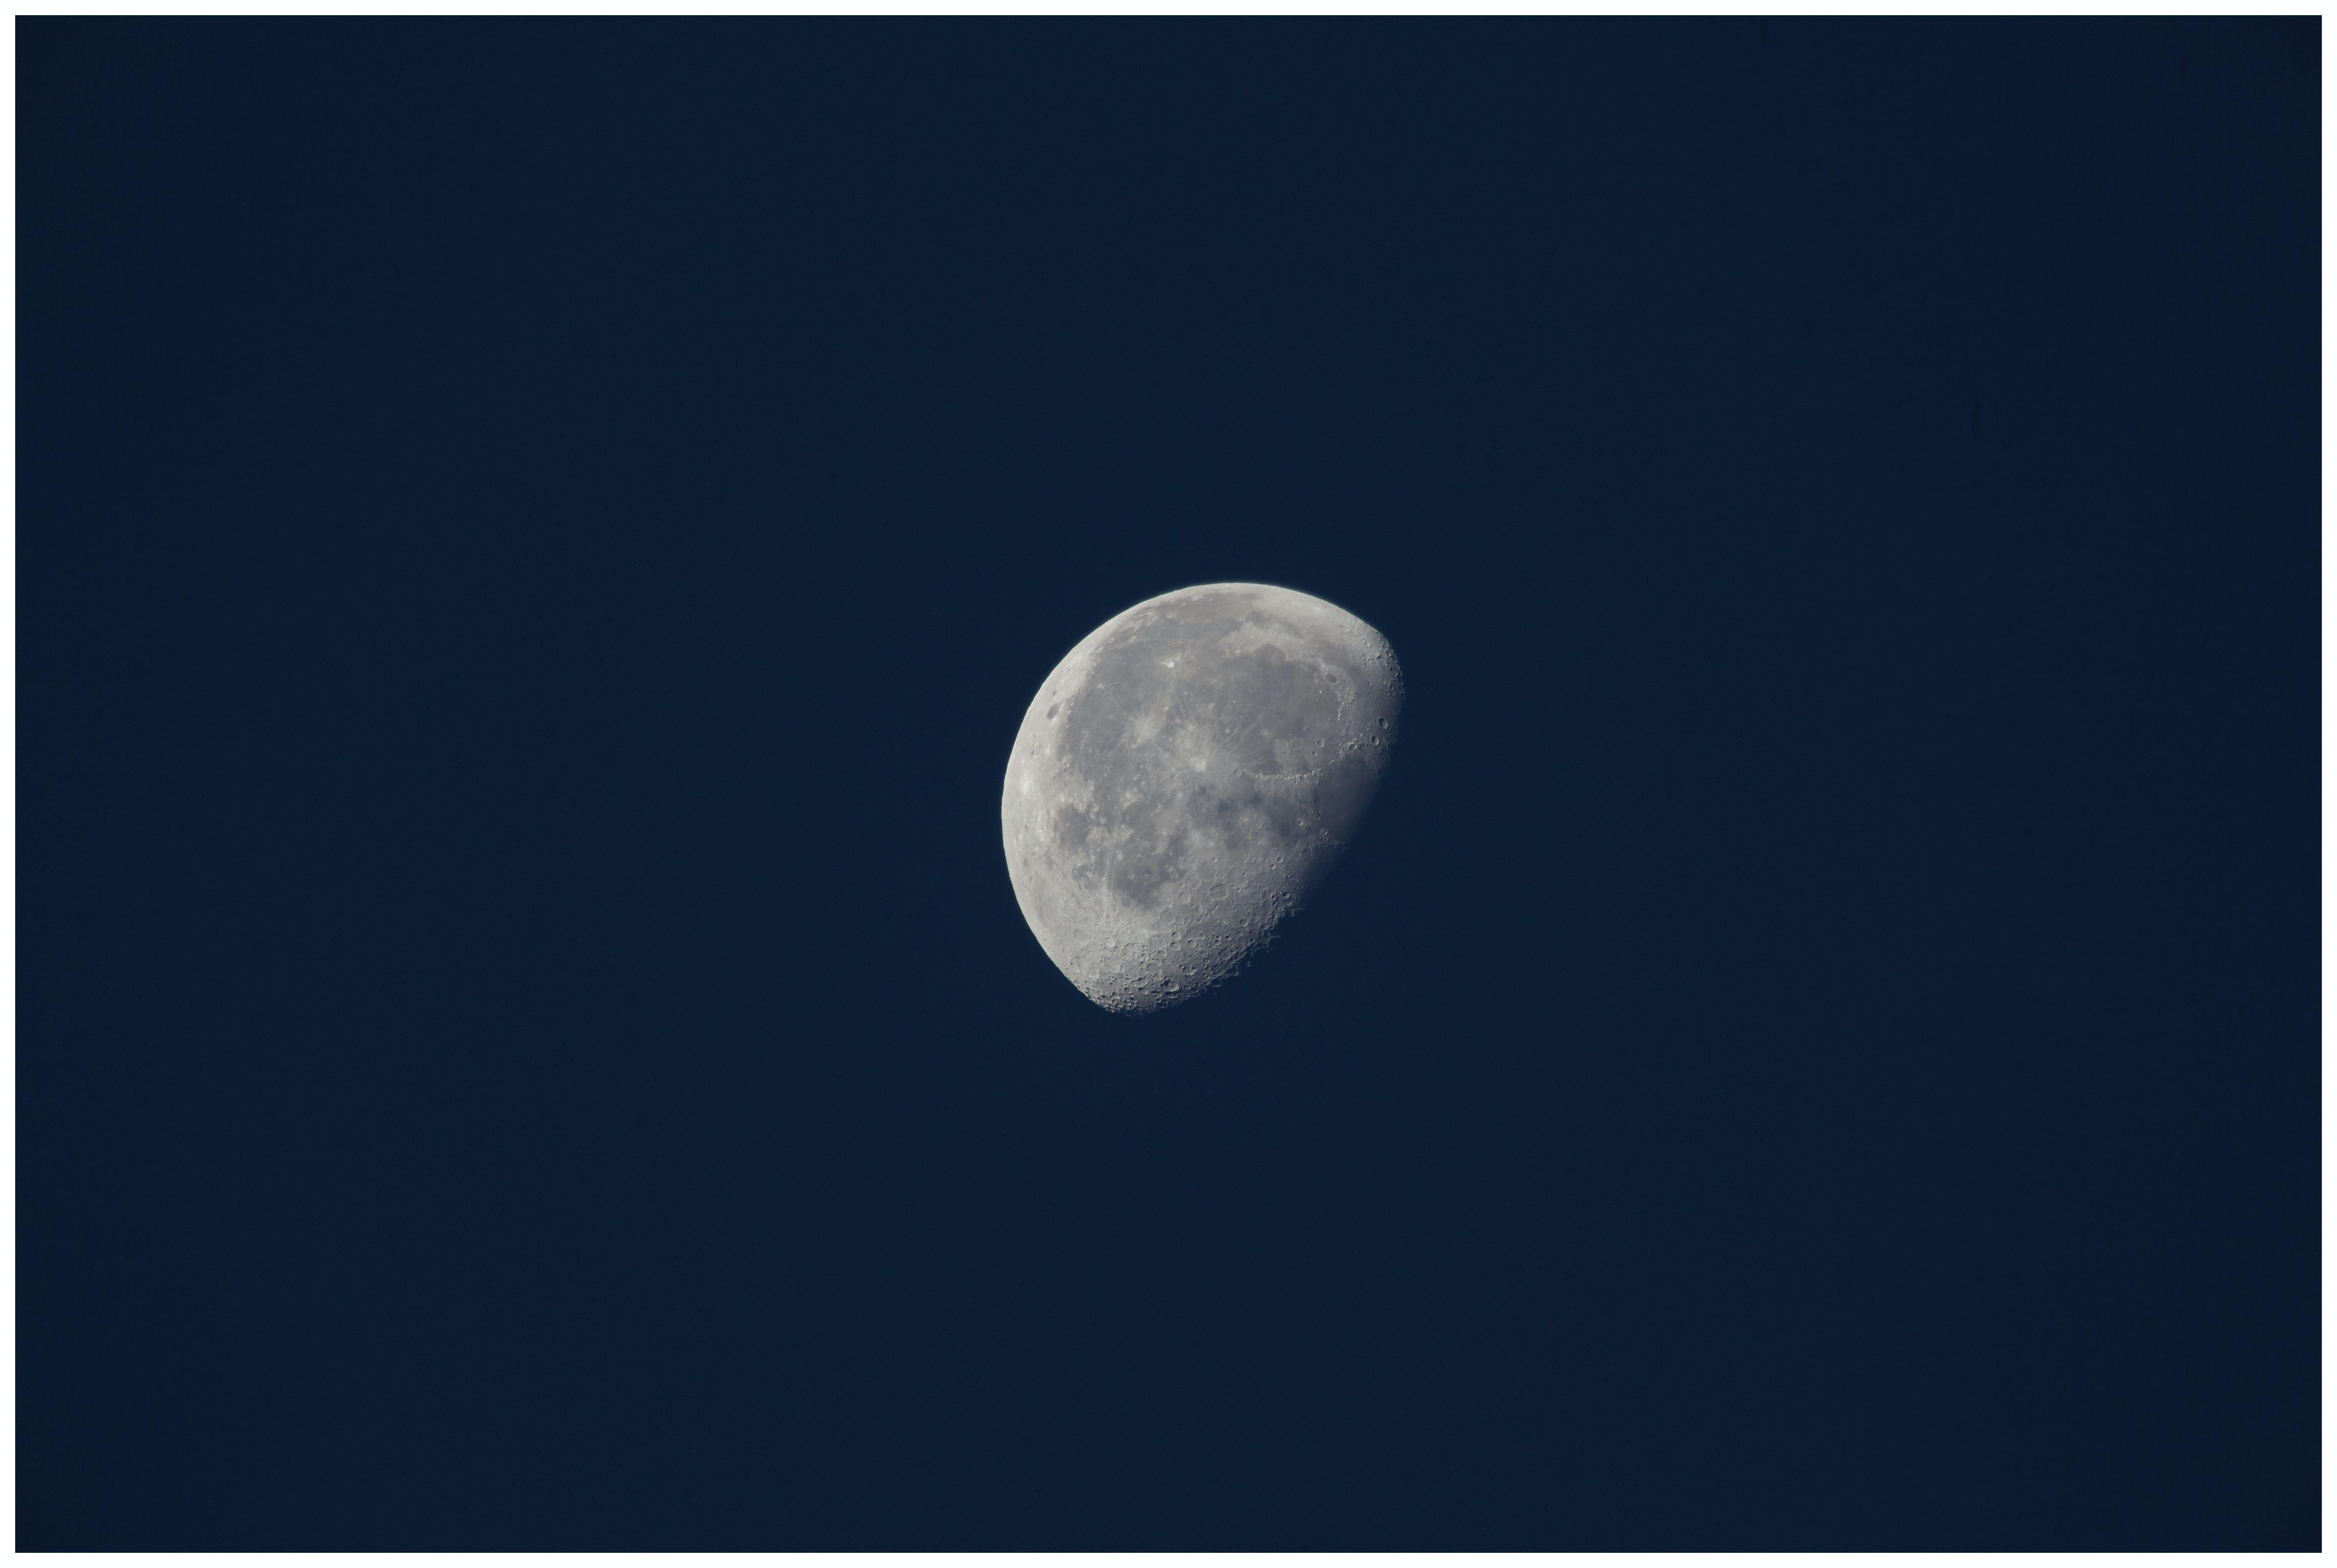 달, 달 착륙, 달 표면, 달빛의 무료 스톡 사진